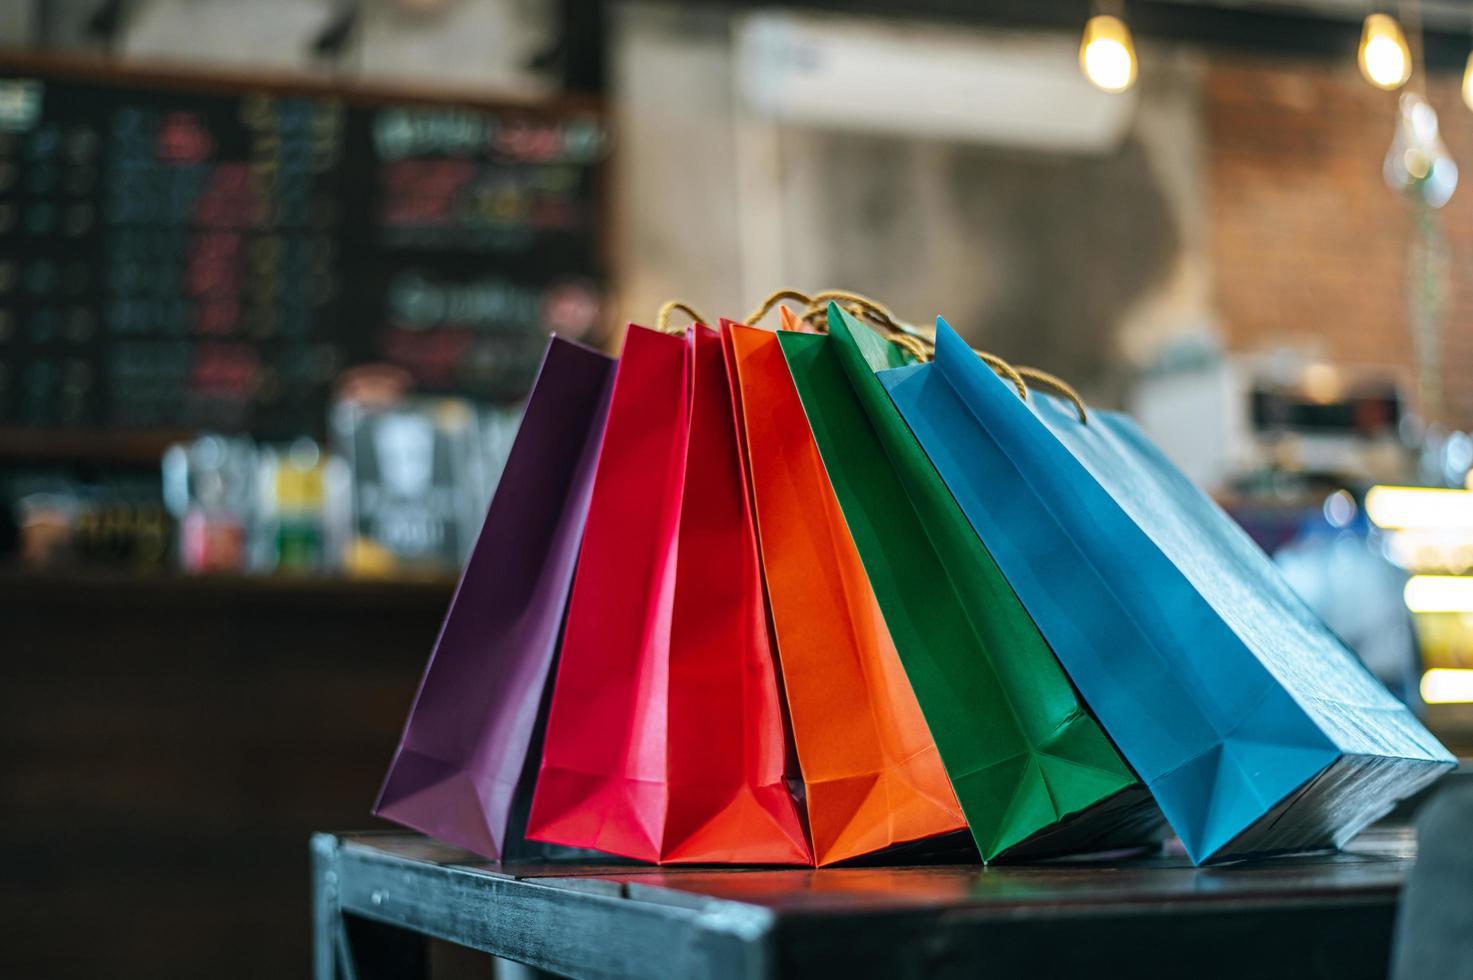 bolsas de papel de colores colocadas sobre la mesa foto